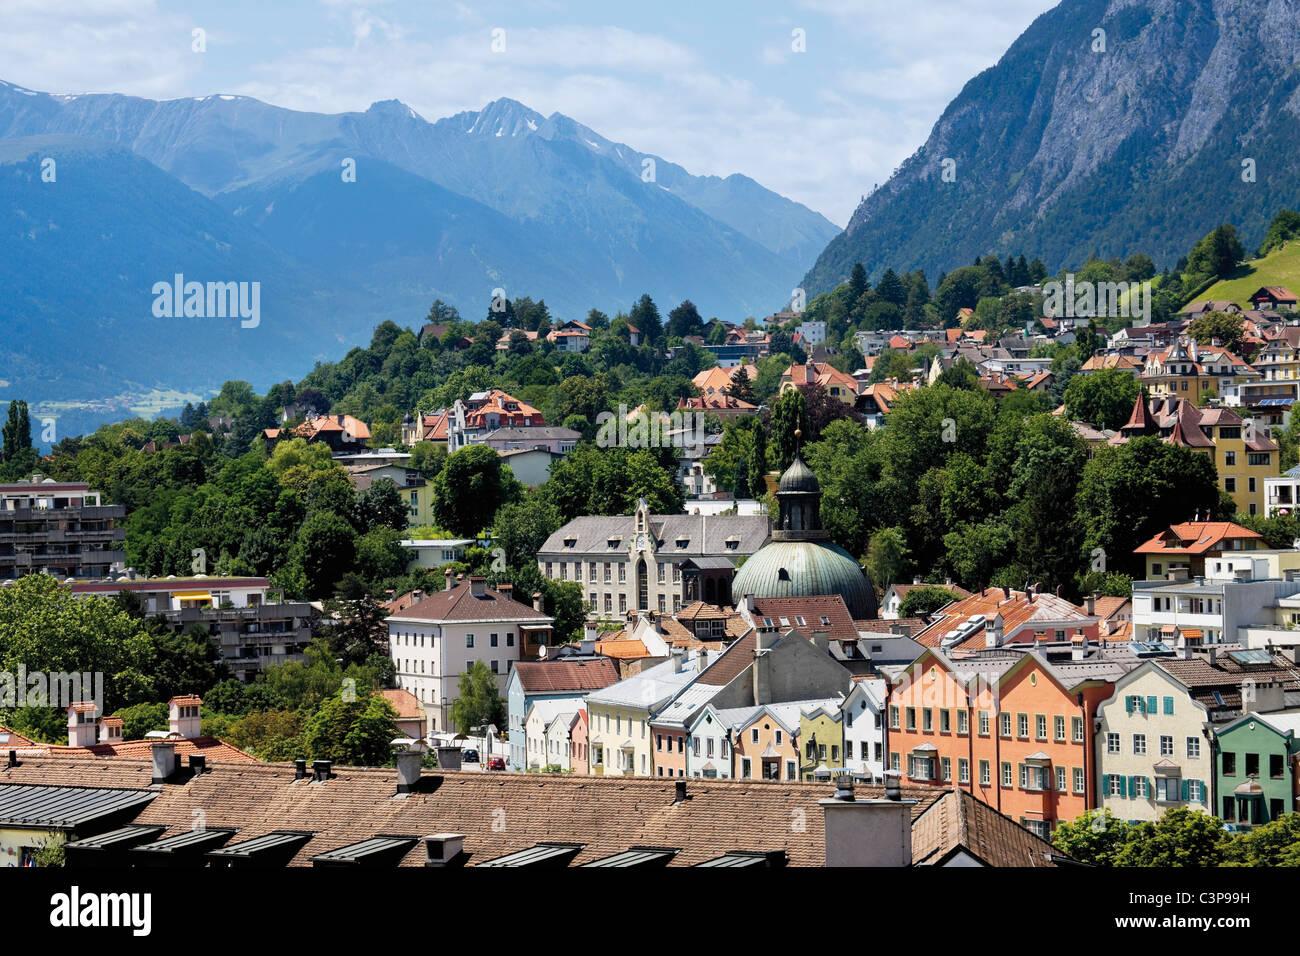 Österreich, Tirol, Innsbruck, Blick auf Stadt mit Bergen im Hintergrund Stockbild